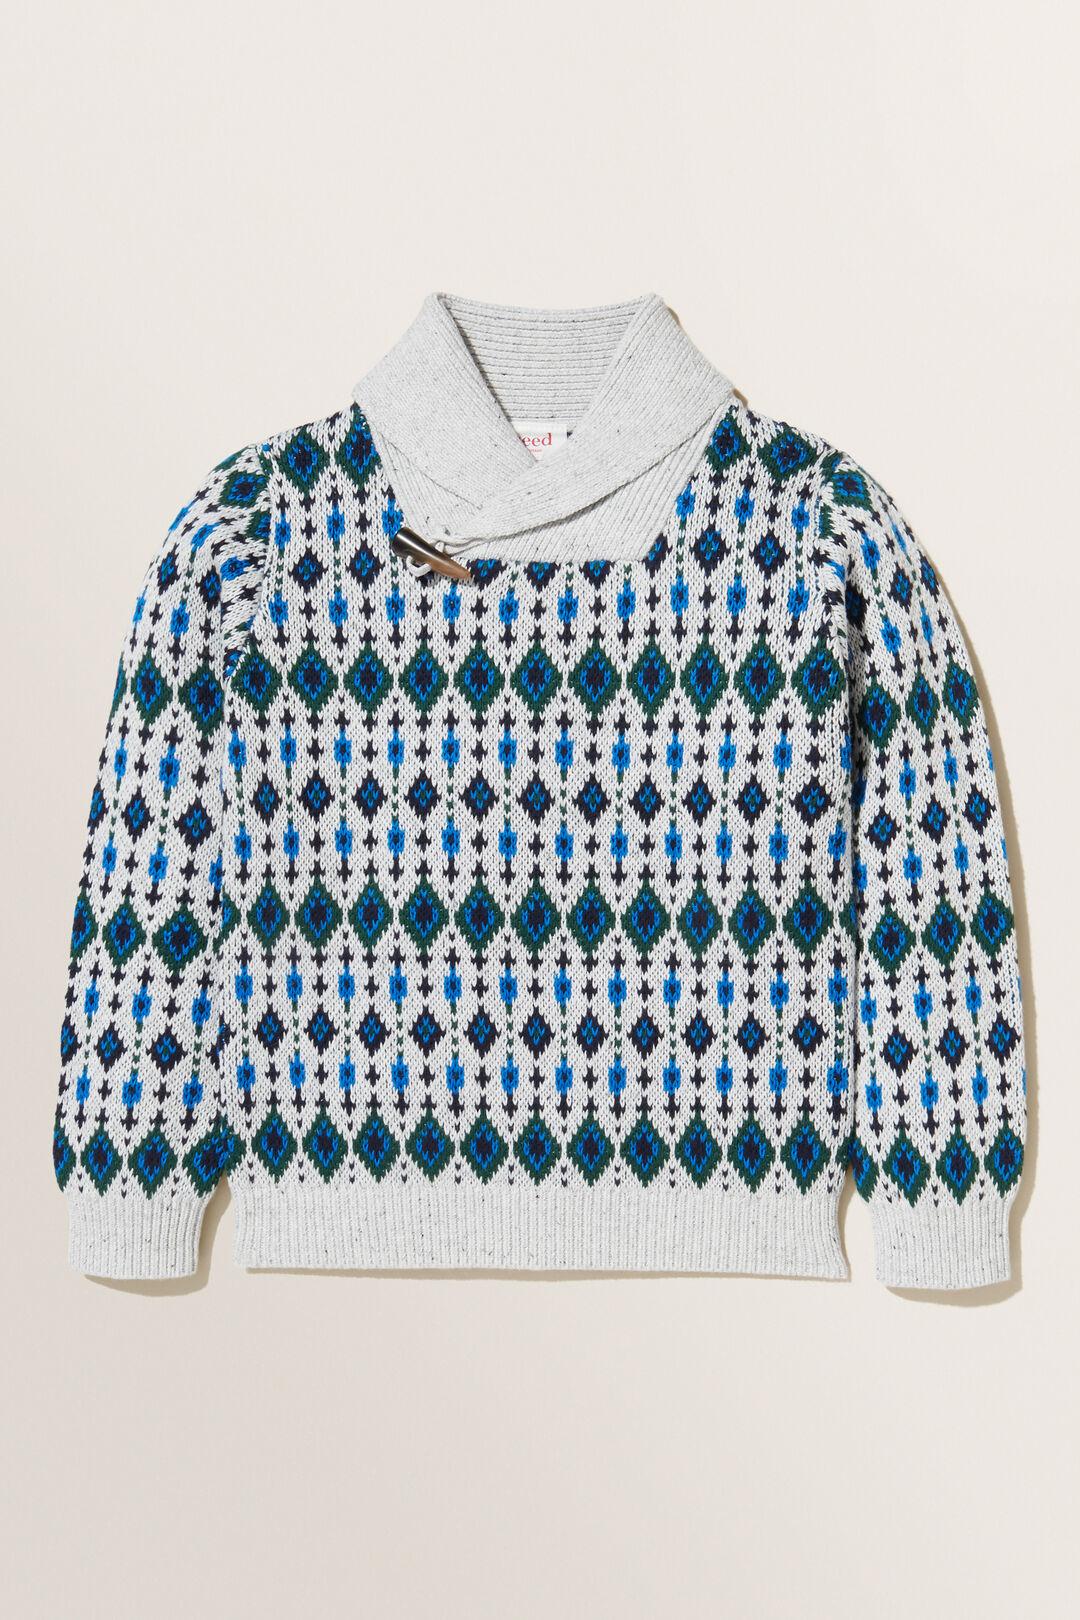 Fair Isle Shawl Knit Sweater  CLOUDY MARLE  hi-res